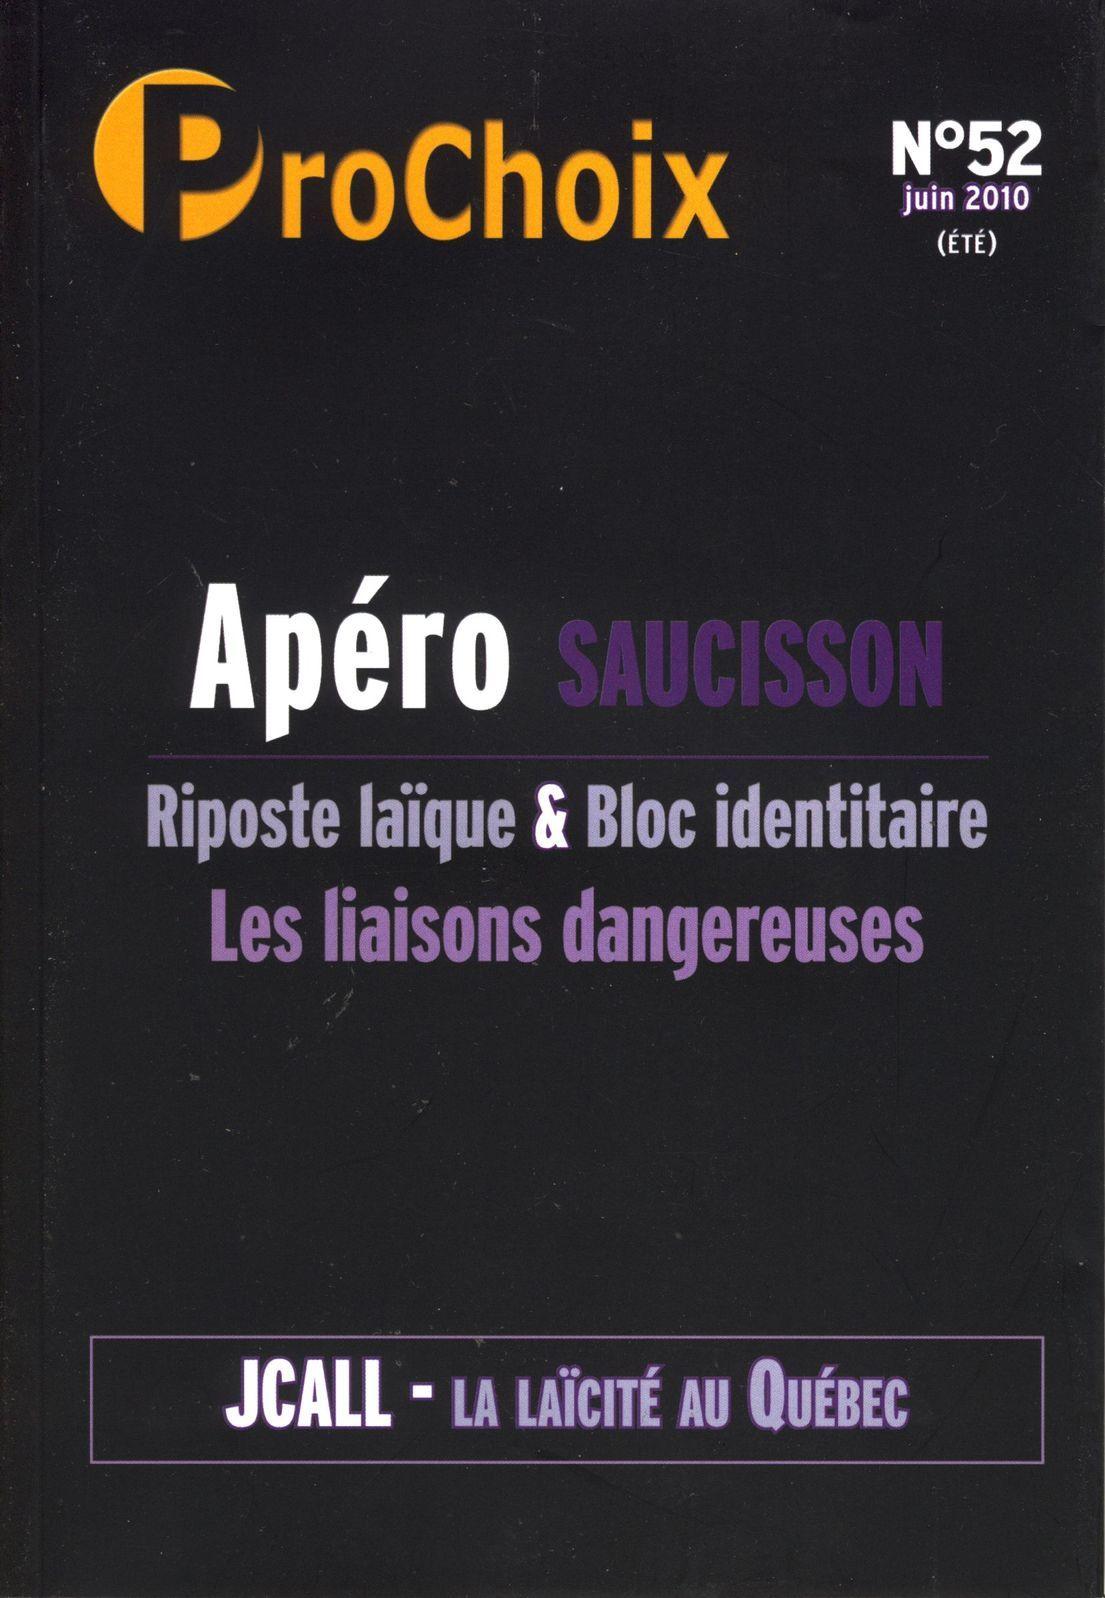 PROCHOIX N 52 : APERO SAUCISSON, RIPOSTE LAIQUE ET BLOC IDENTITAIRE LES LIAISONS DANGEREUSES